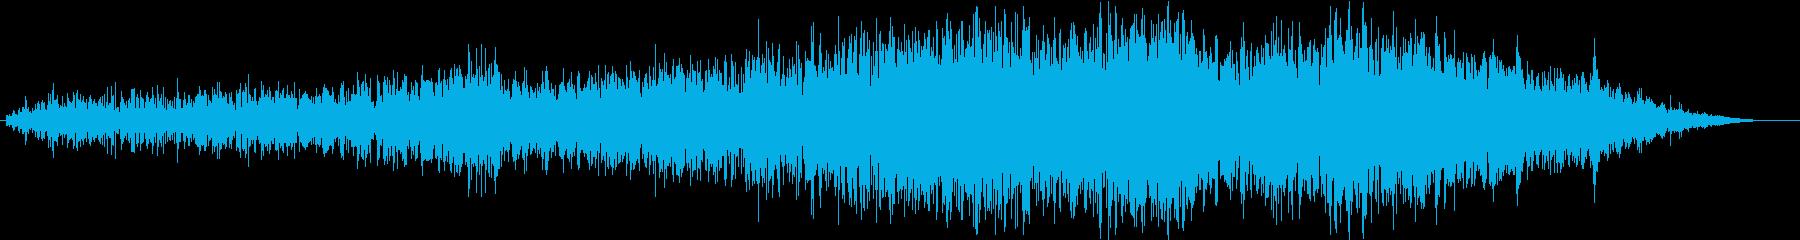 地震 01の再生済みの波形